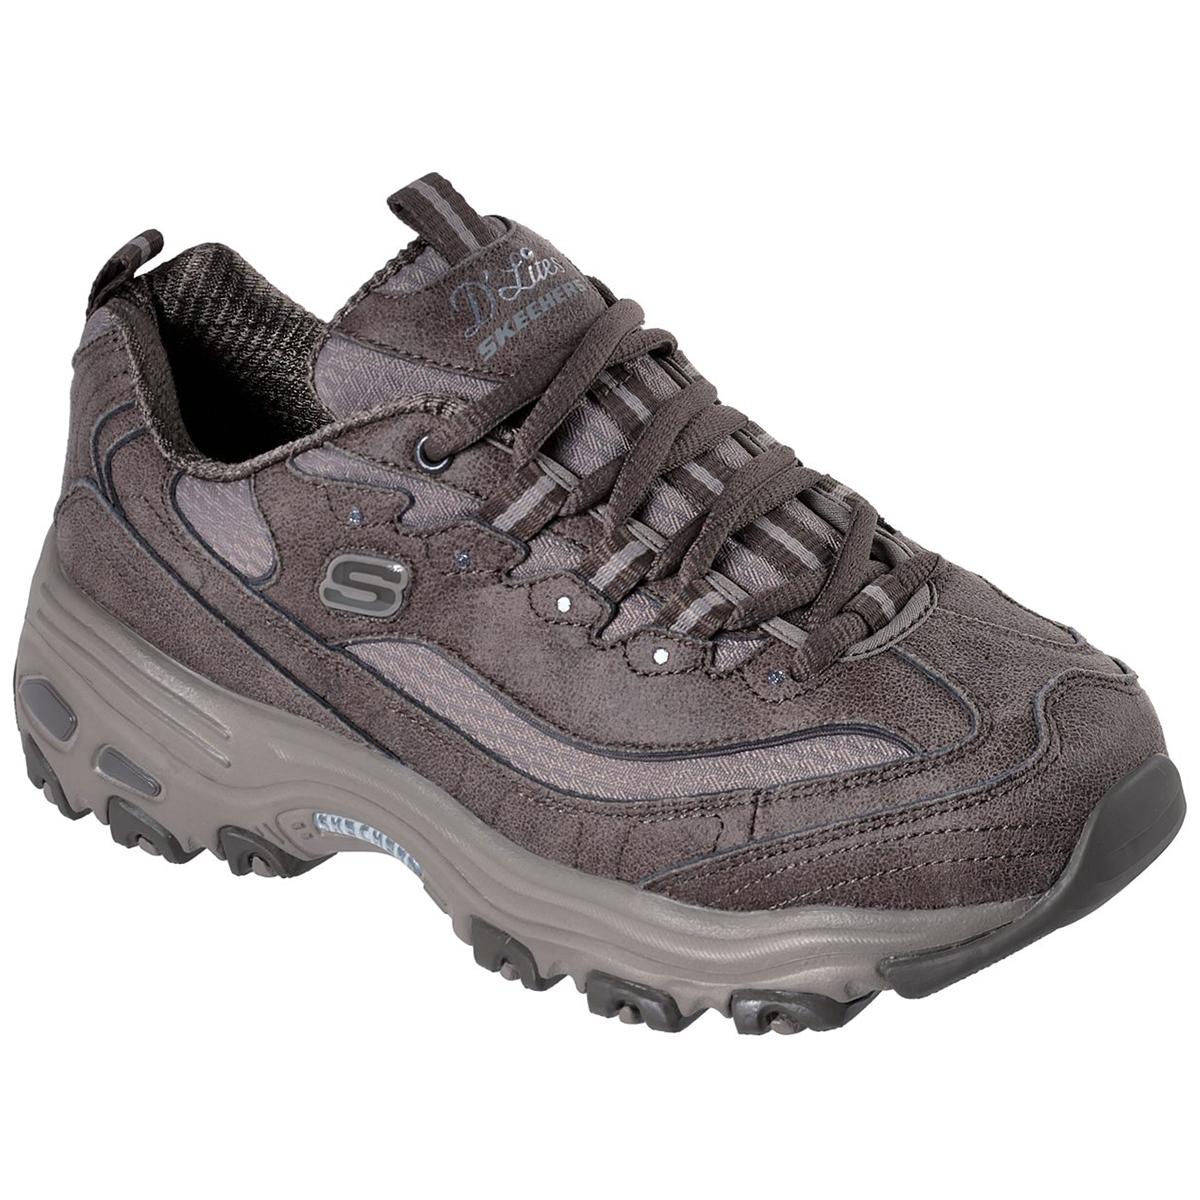 Skechers Women's D'lites - New School Sneakers - Brown, 7.5